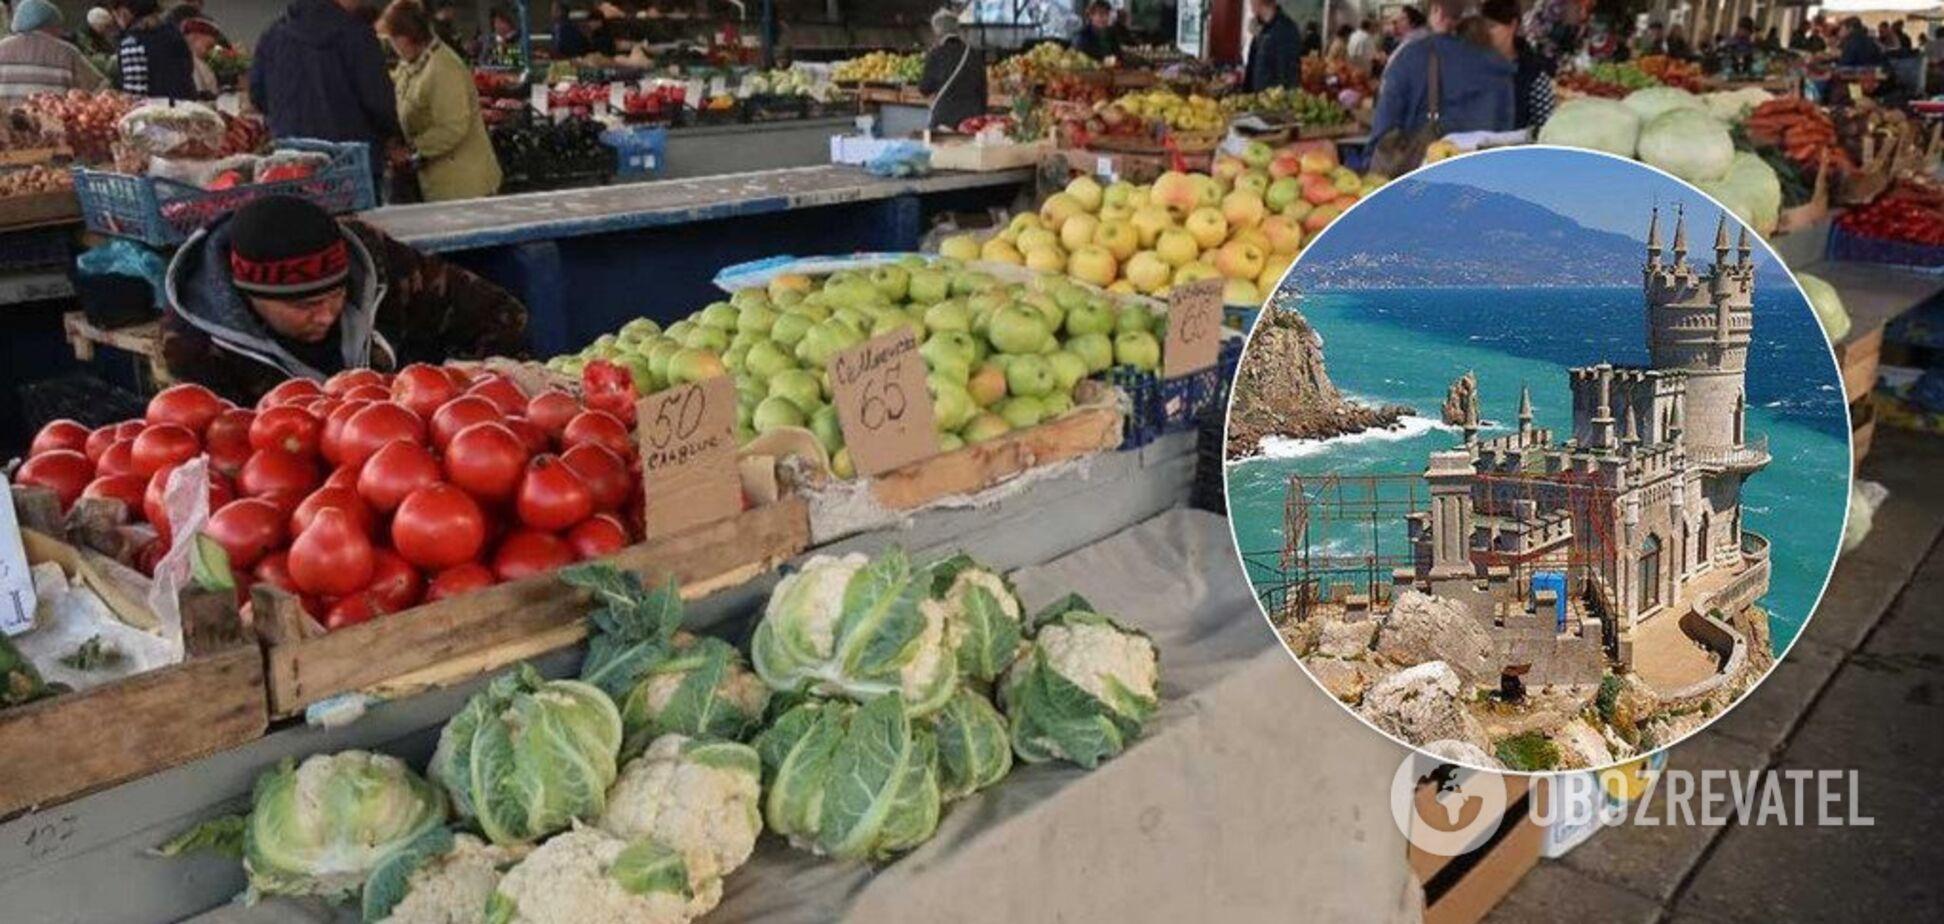 'Подорожчало на 189%': кримчан шокувало зростання цін на продукти